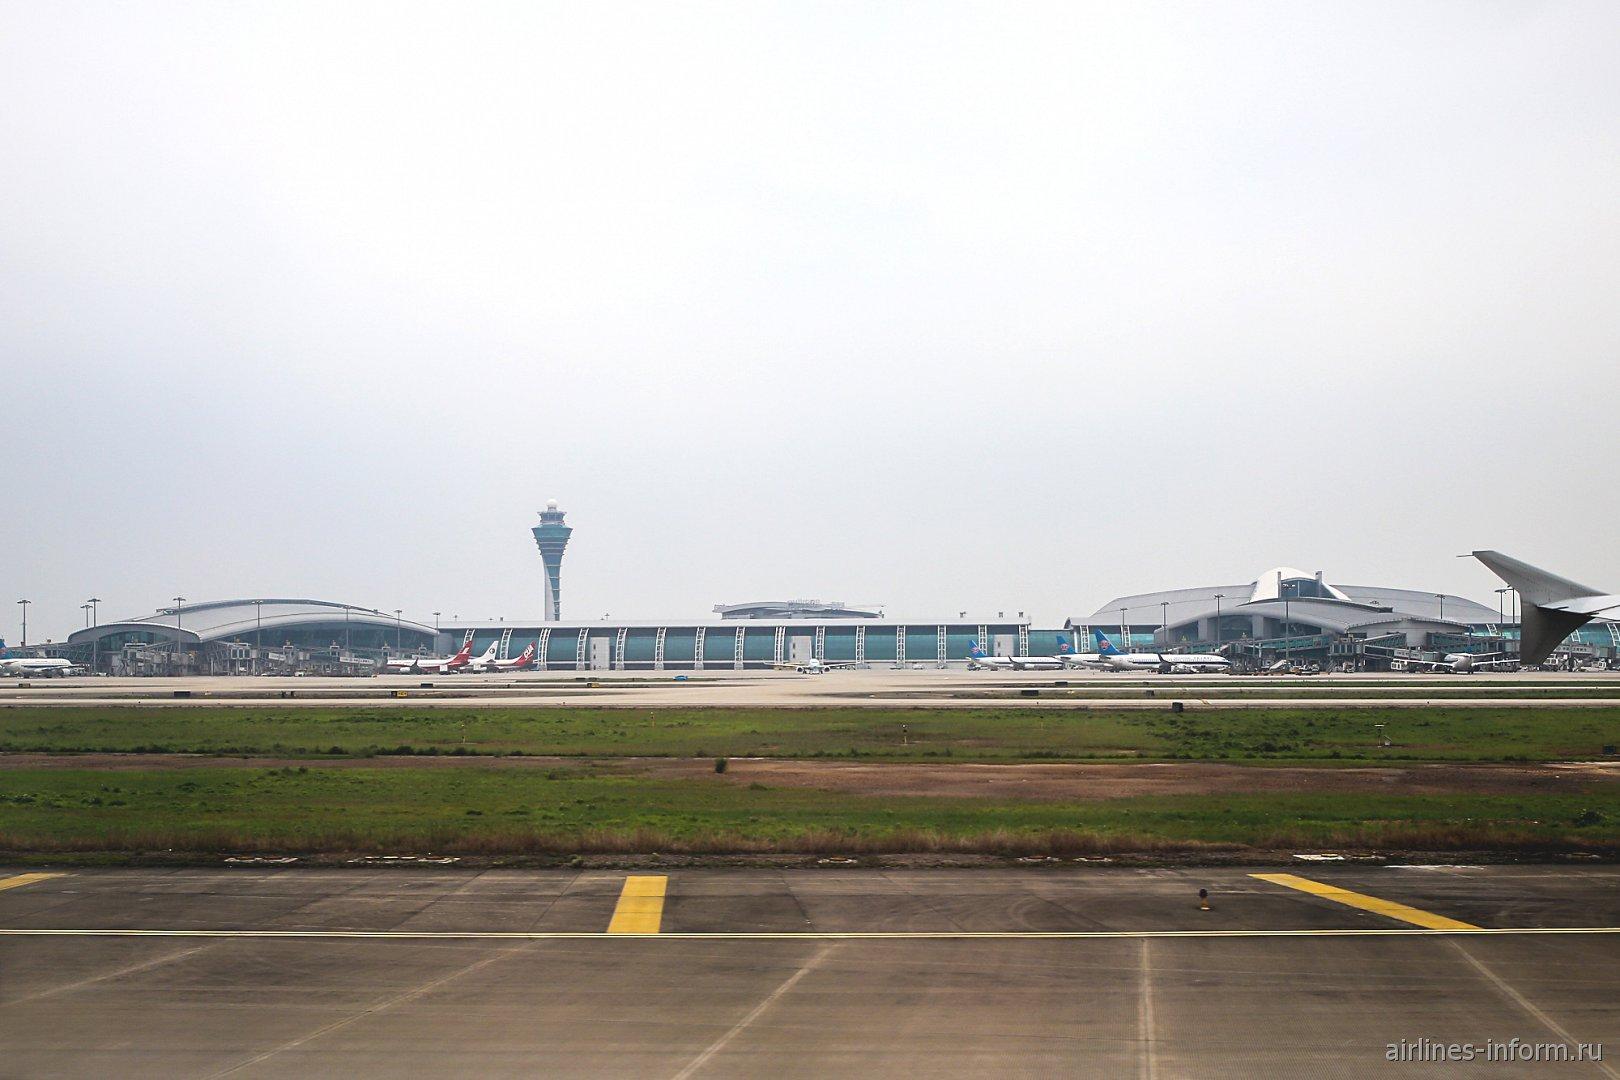 Пассажирский терминал аэропорта Гуанчжоу Байюнь